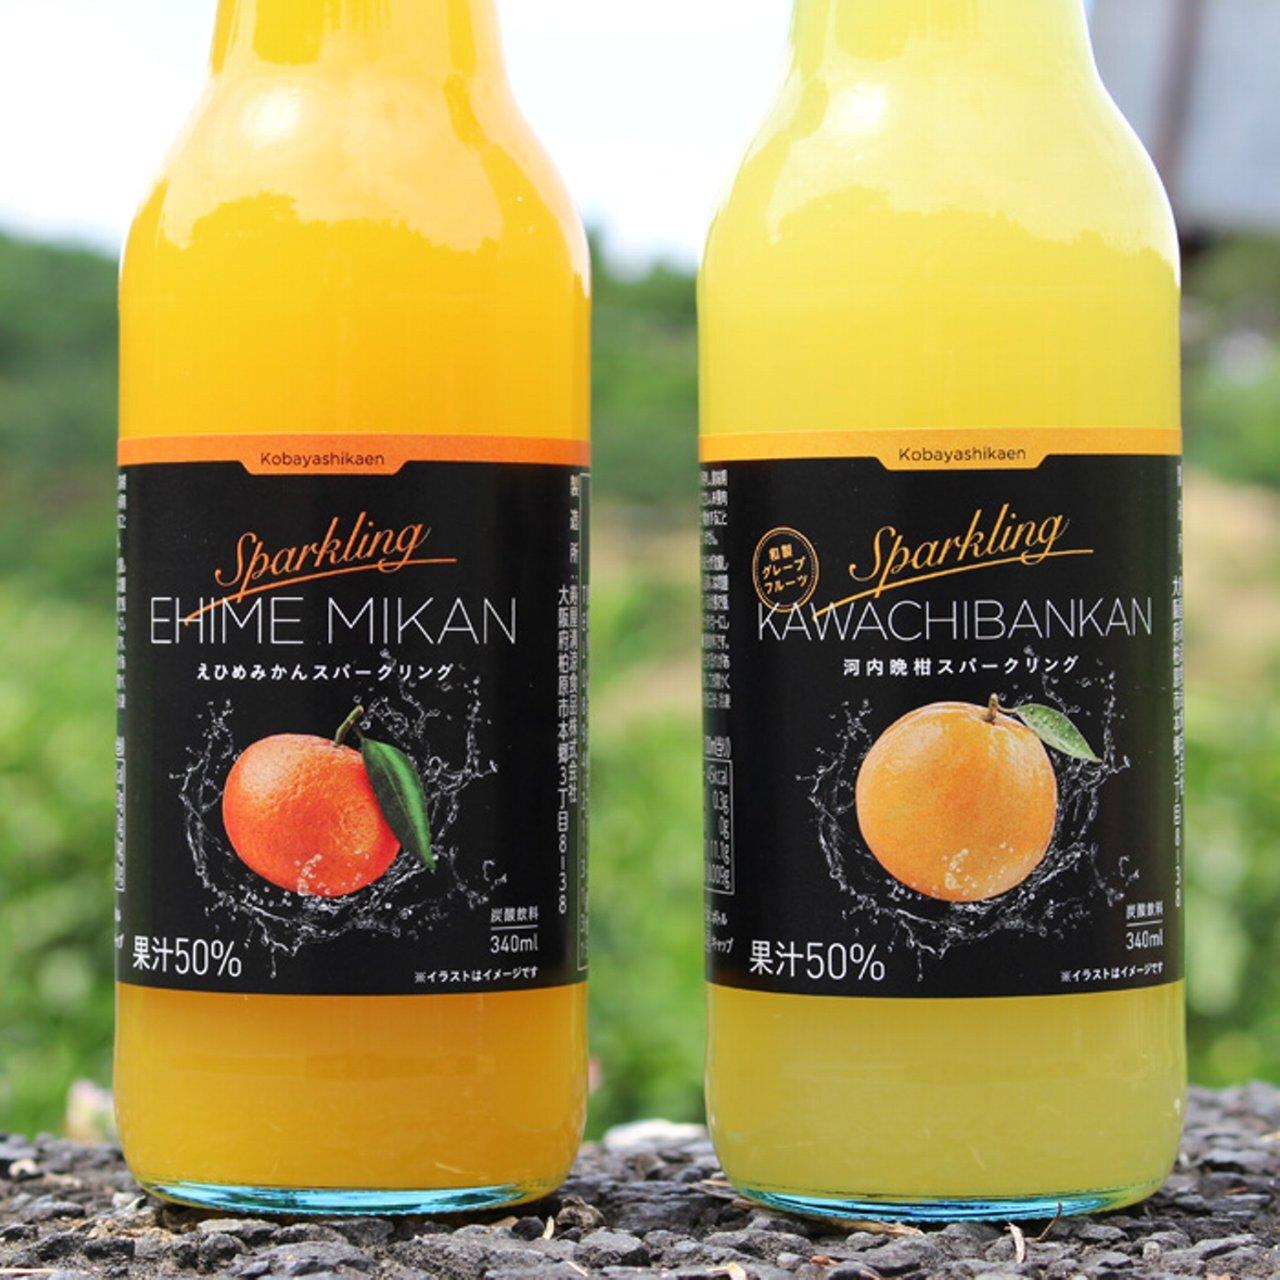 柑橘スパークリング・ジュース 340ml 2品種3本入り箱 (計6本)